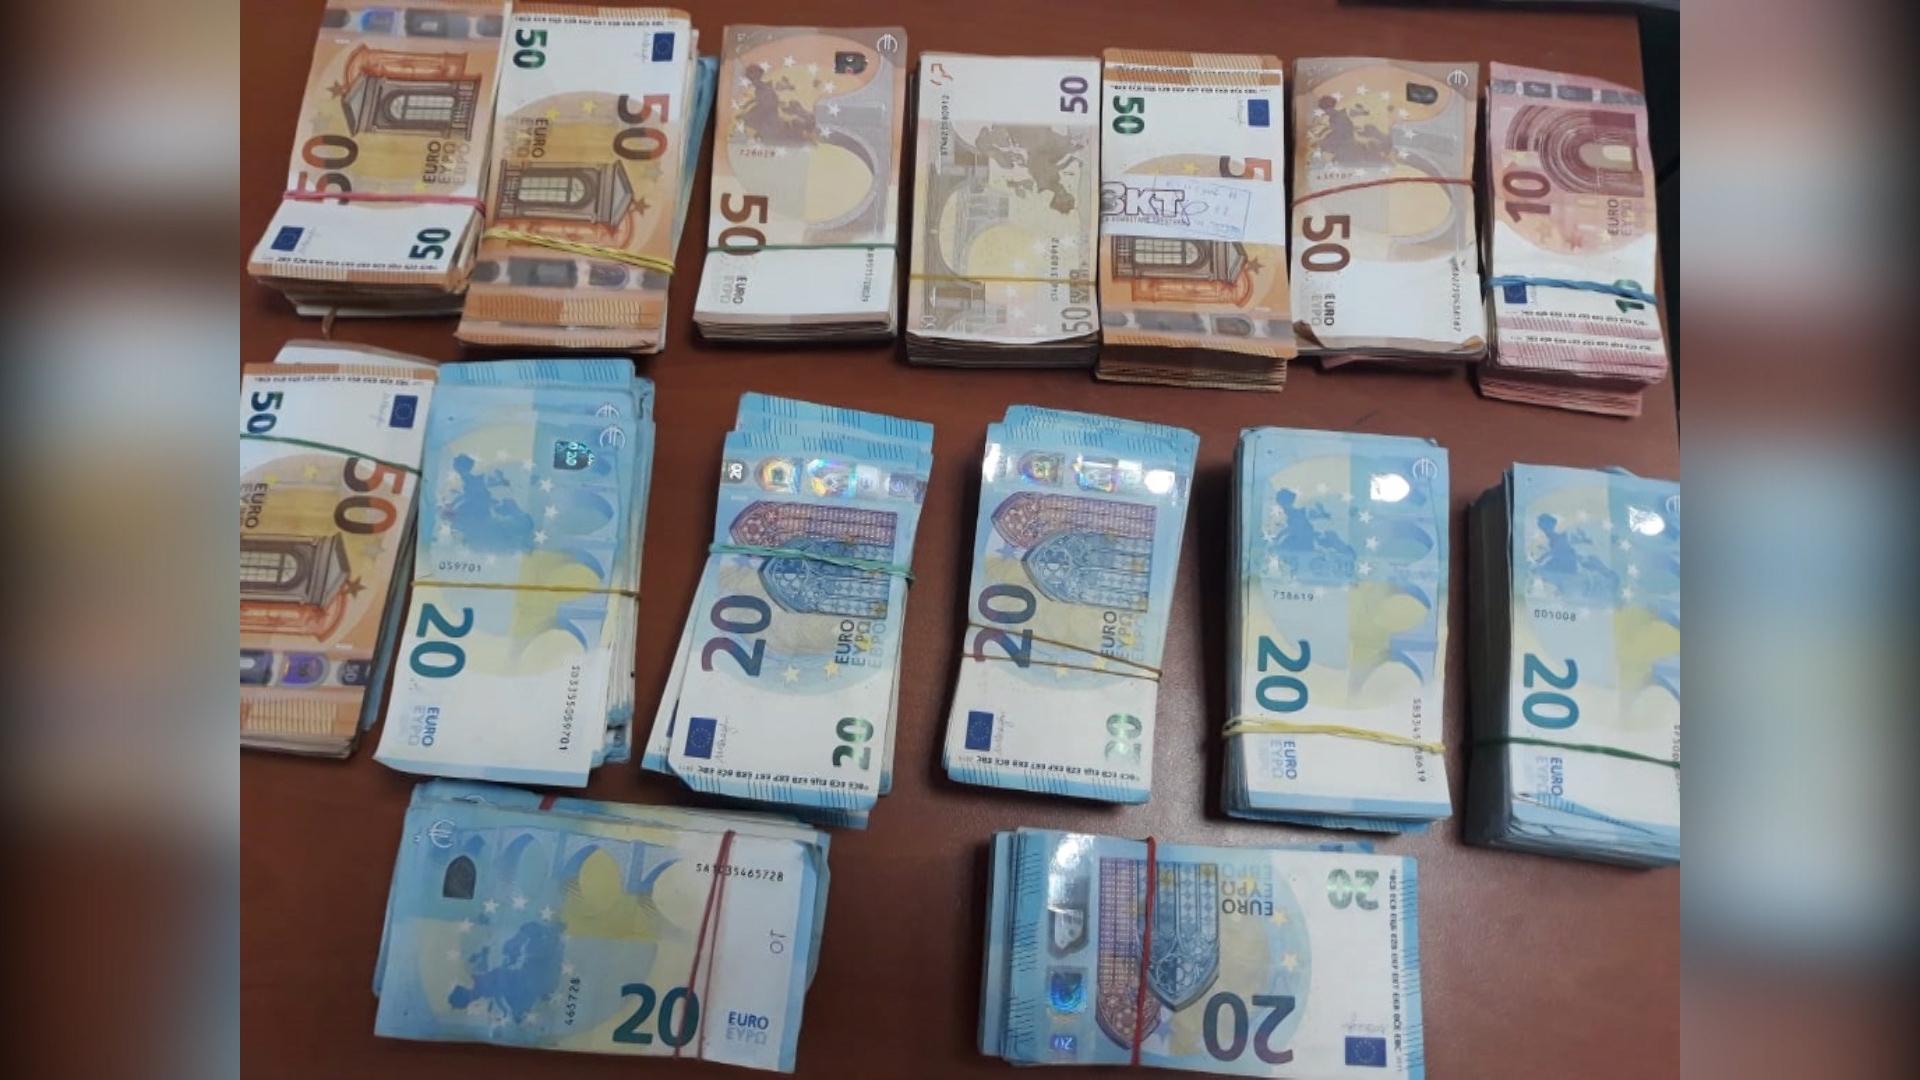 Dyshohet për krime, sekuestrohen 170 mijë euro të Julit të Pashakos